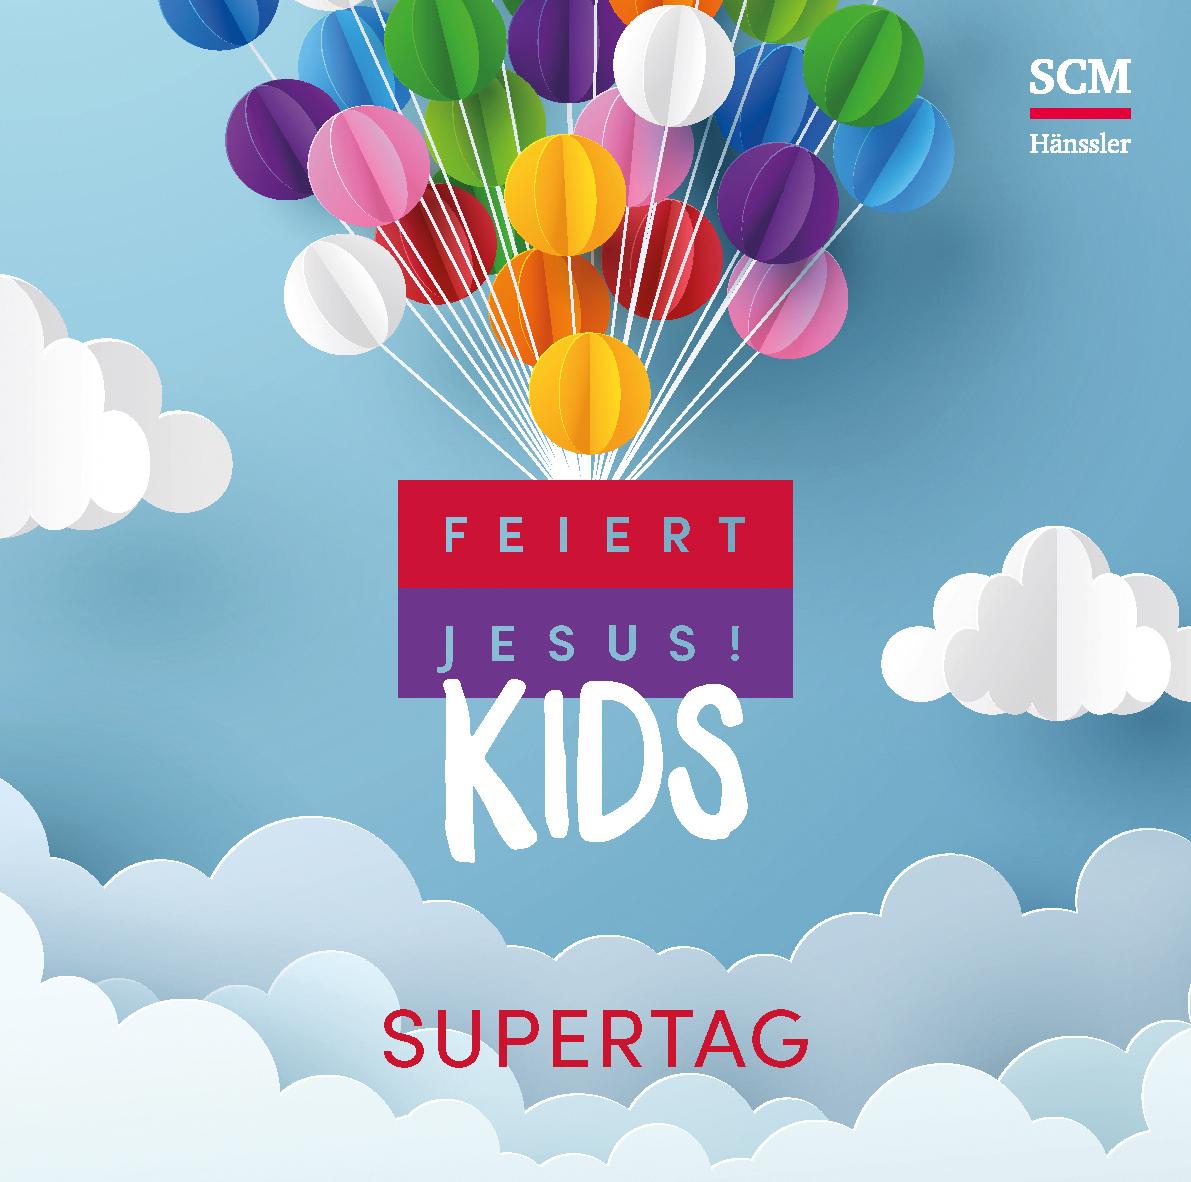 feiert jesus kids supertag mp3 album download scm h nssler. Black Bedroom Furniture Sets. Home Design Ideas